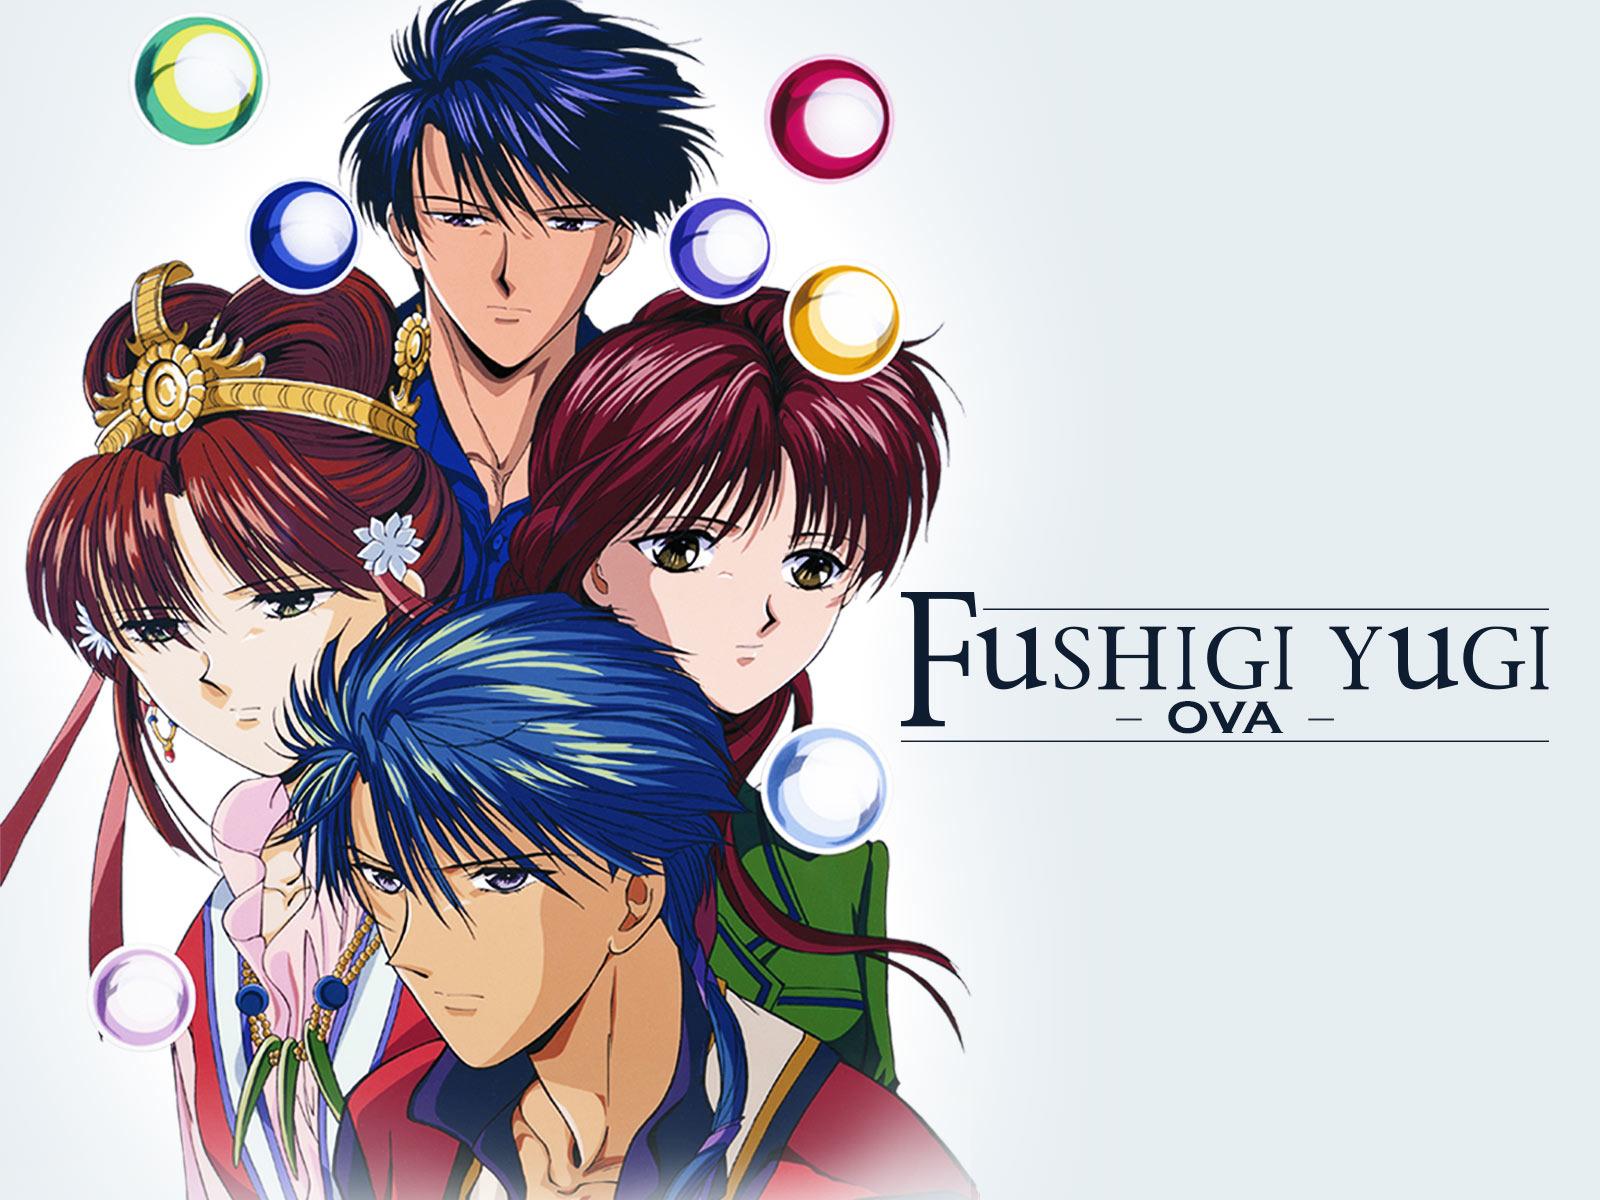 Prime Video: Fushigi Yugi: OVA